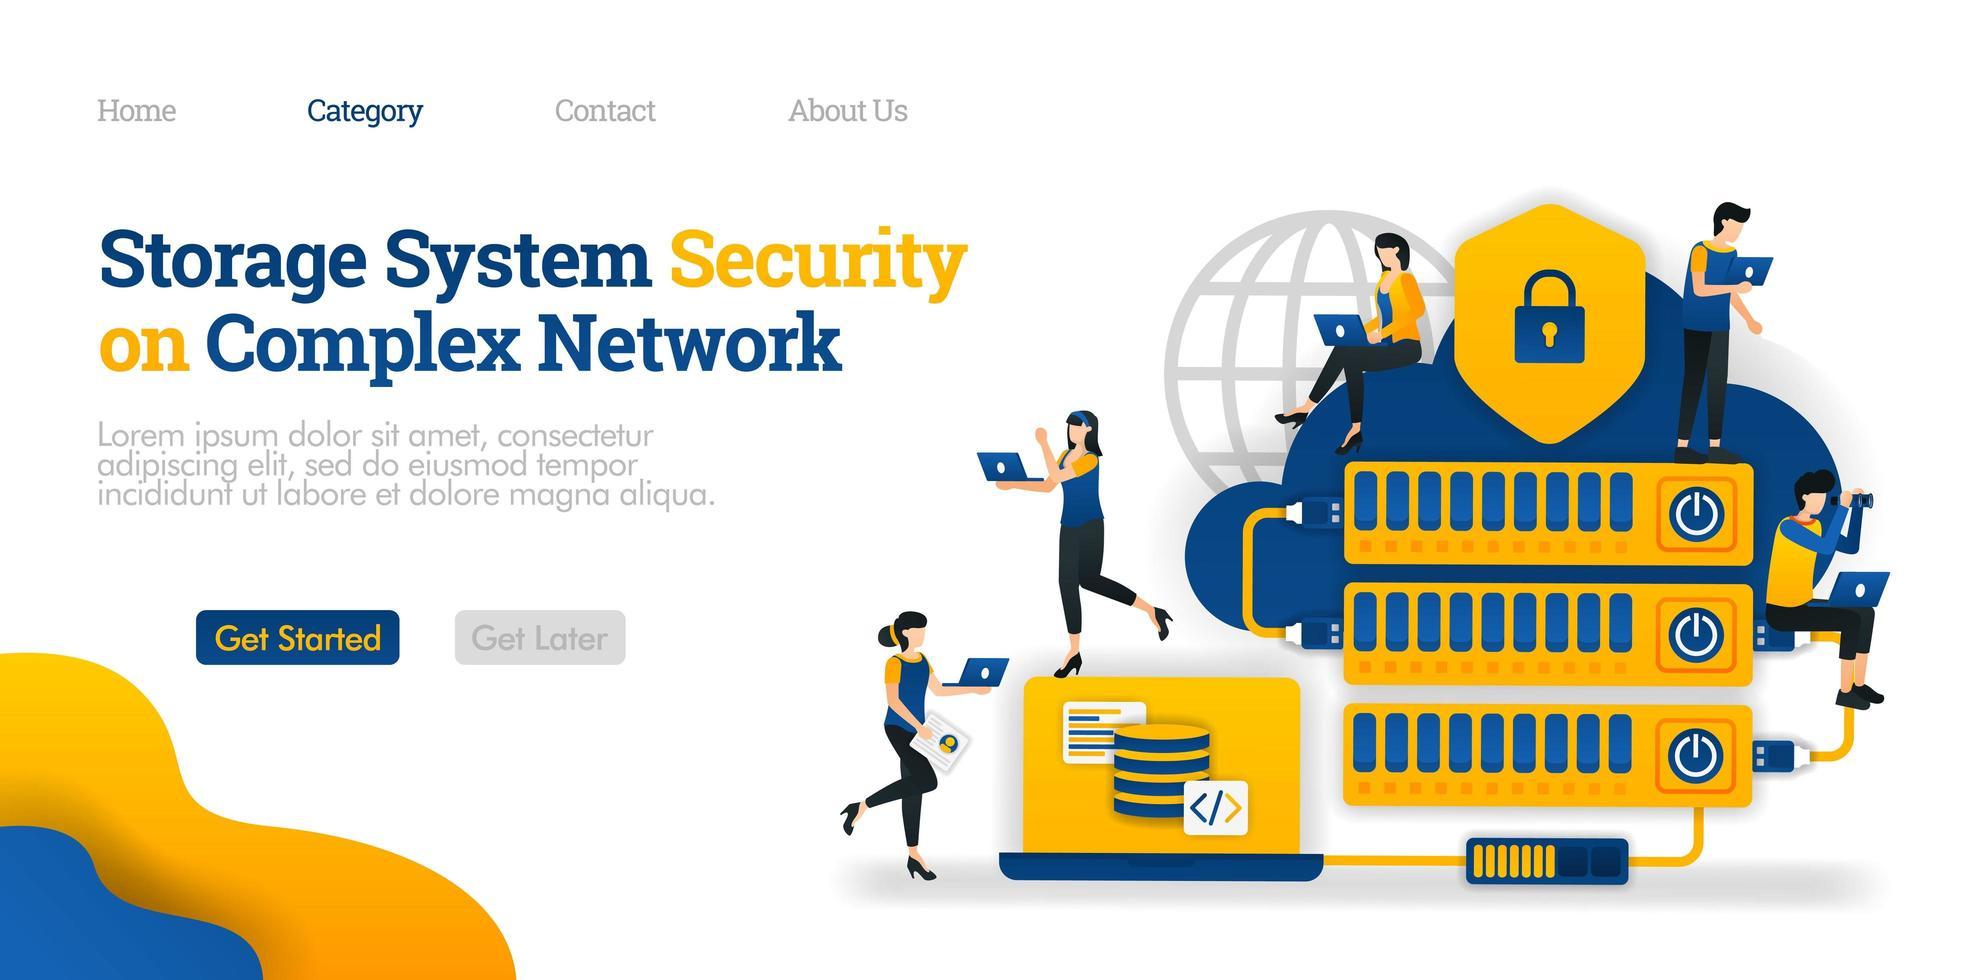 Speichersystemsicherheit in komplexen Netzwerken. Hosting für die Datensicherheit kompliziert gemacht. Vektor flache Illustration Konzept, kann verwendet werden, Landing Page, Vorlage, UI, Web, Homepage, Poster, Banner, Flyer